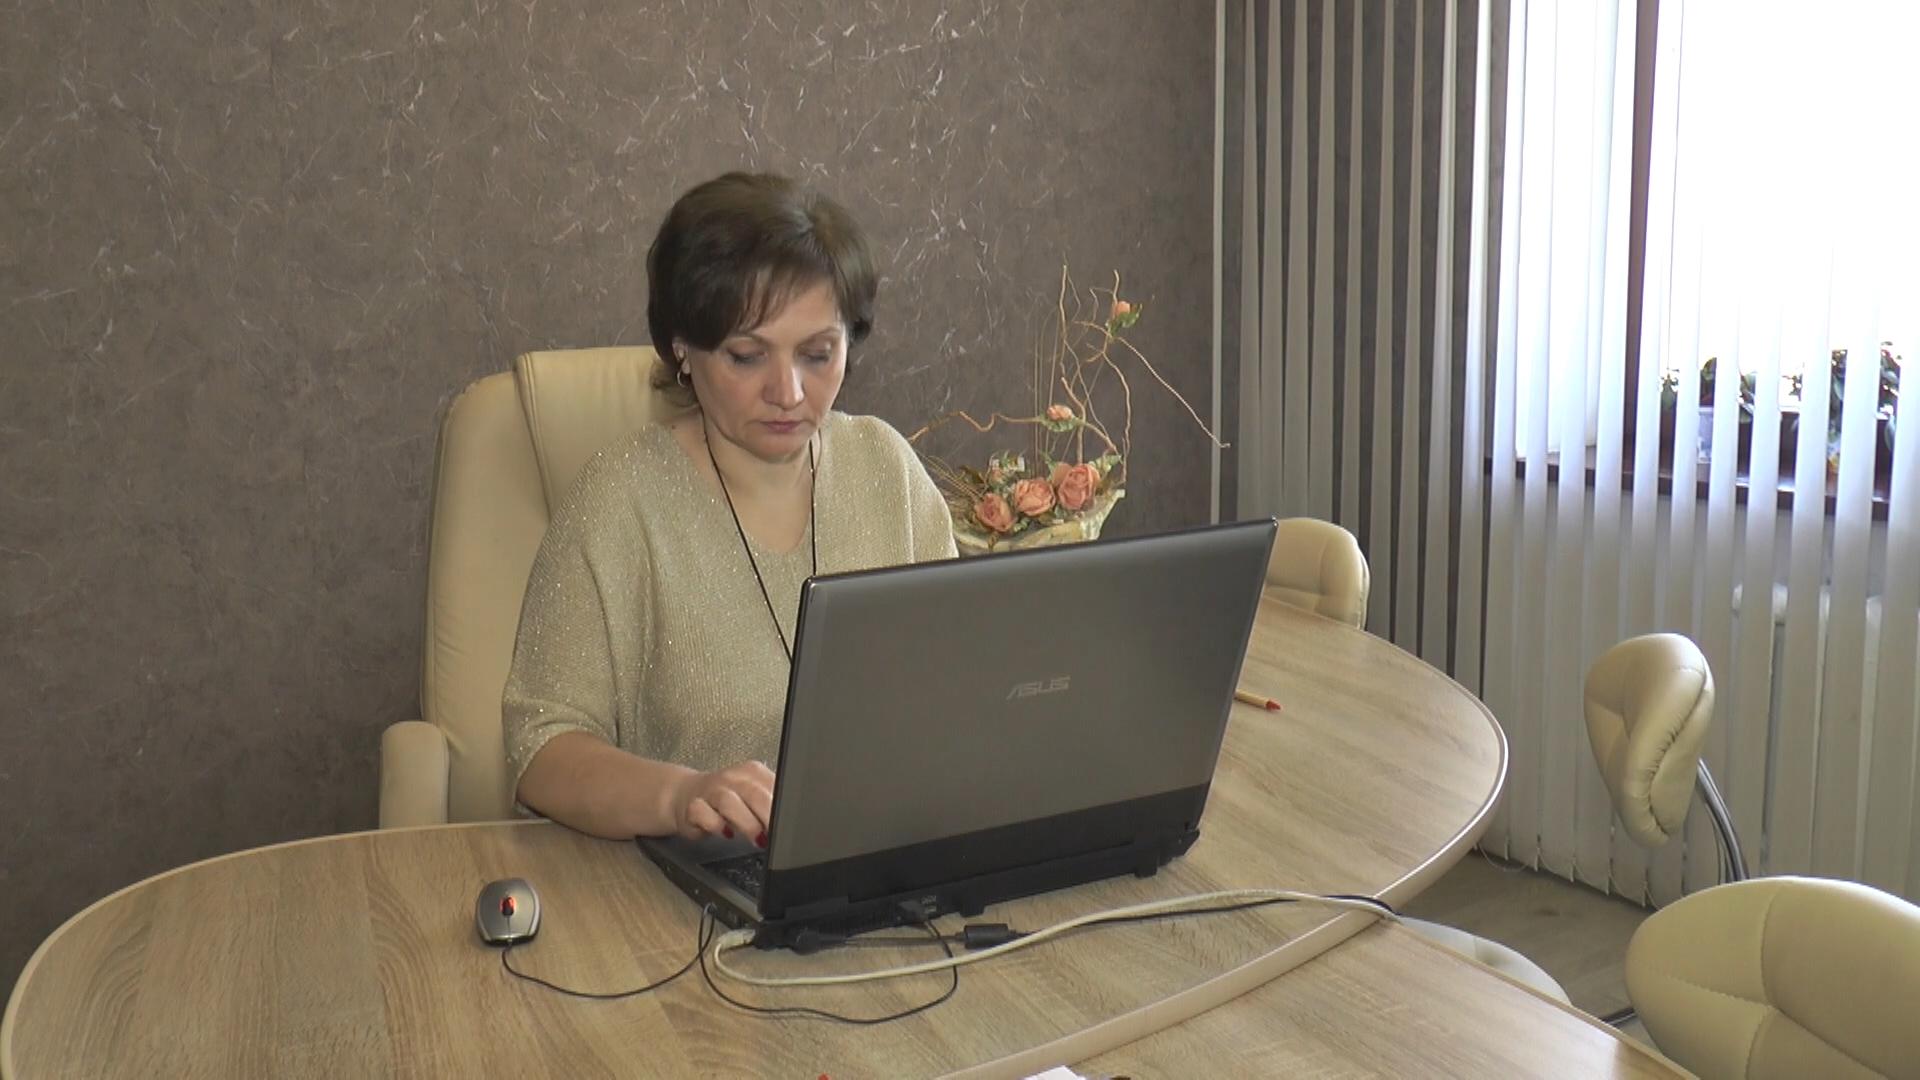 Директор Лидского районного территориального центра социального обслуживания населения Татьяна Петух – победительница Республиканского конкурса «Женщина года-2020».